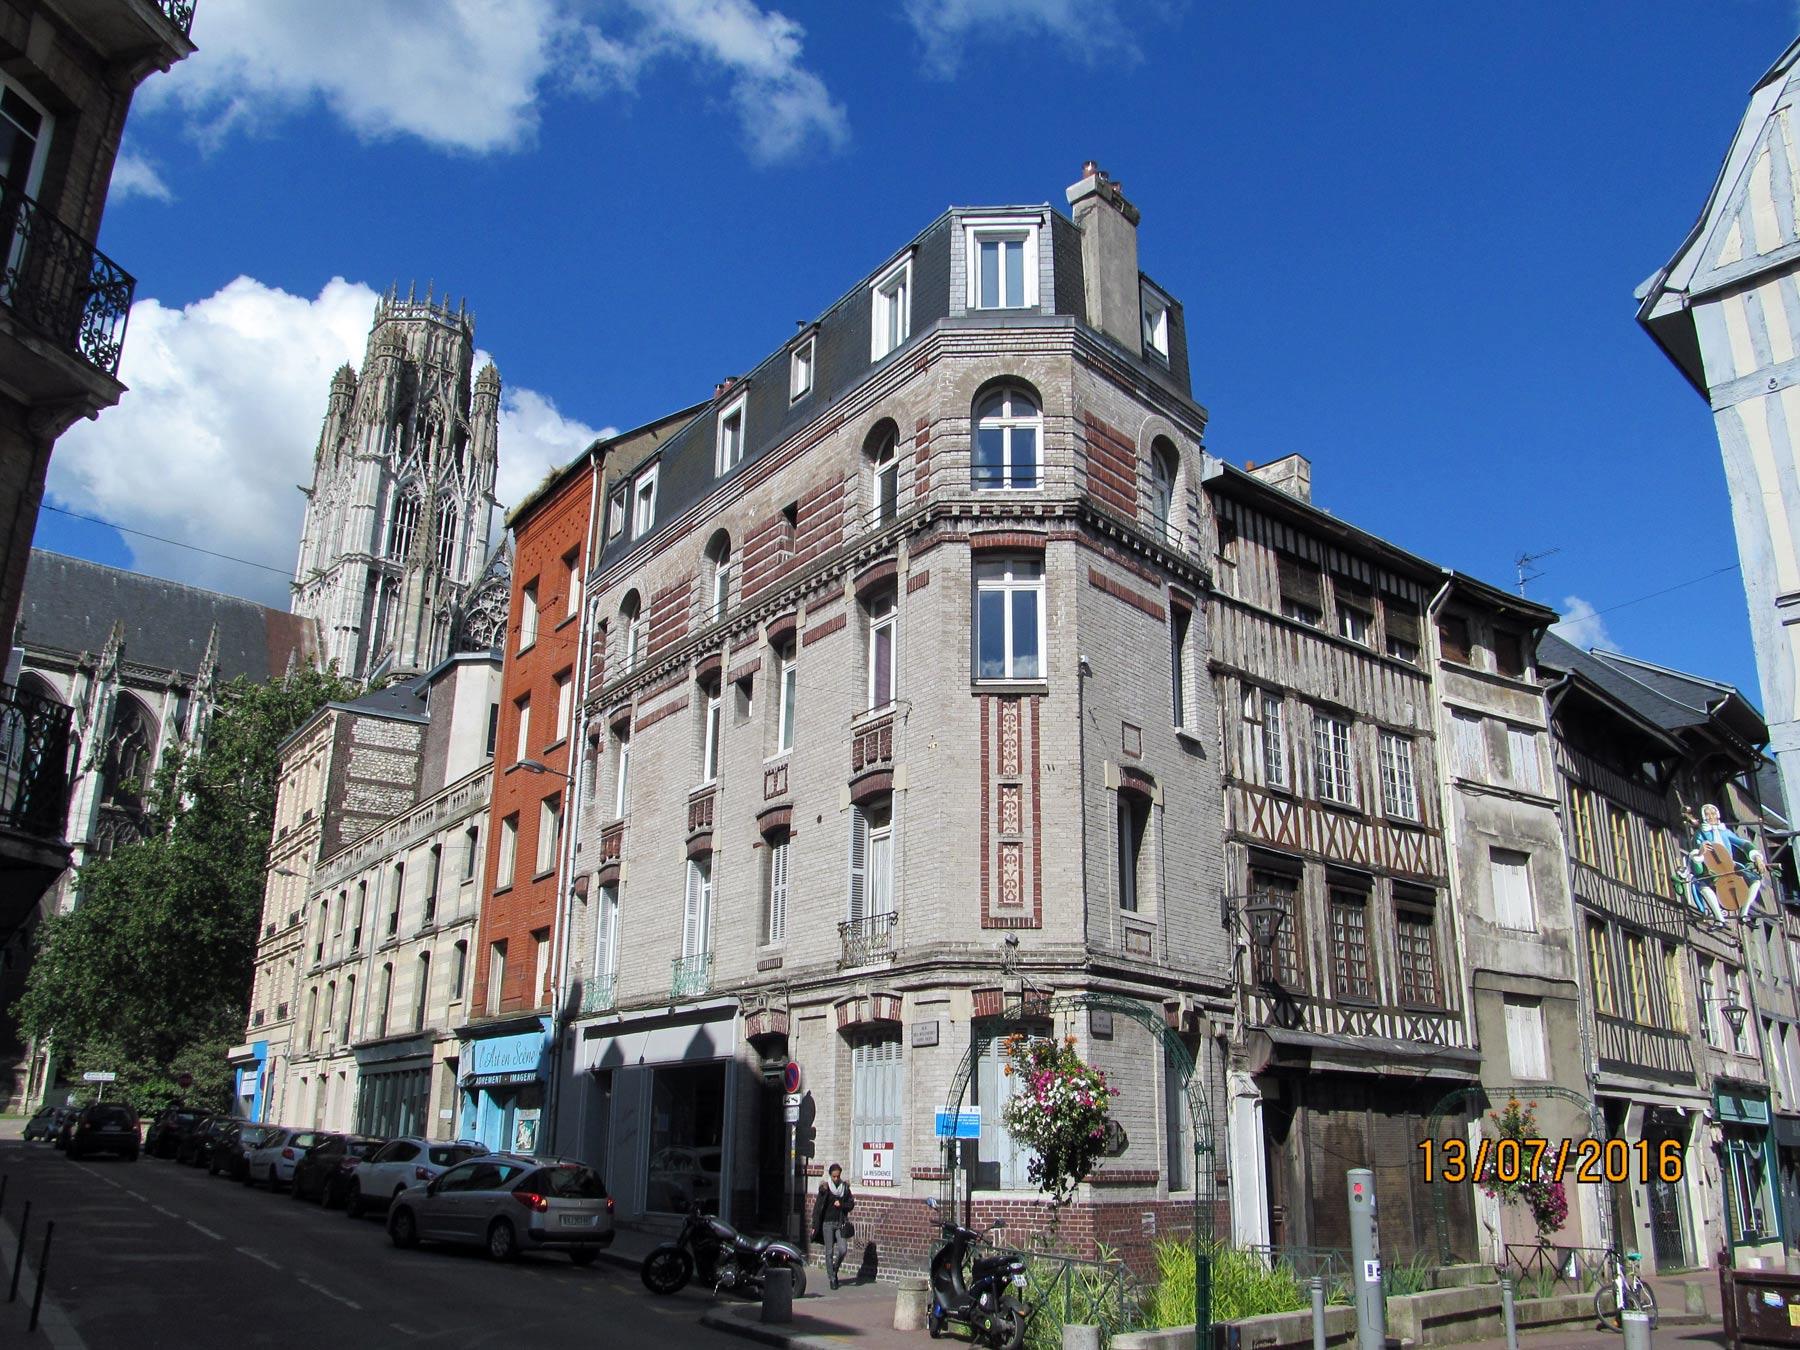 Руан, фото достопримечательностей города, экскурсия в июле